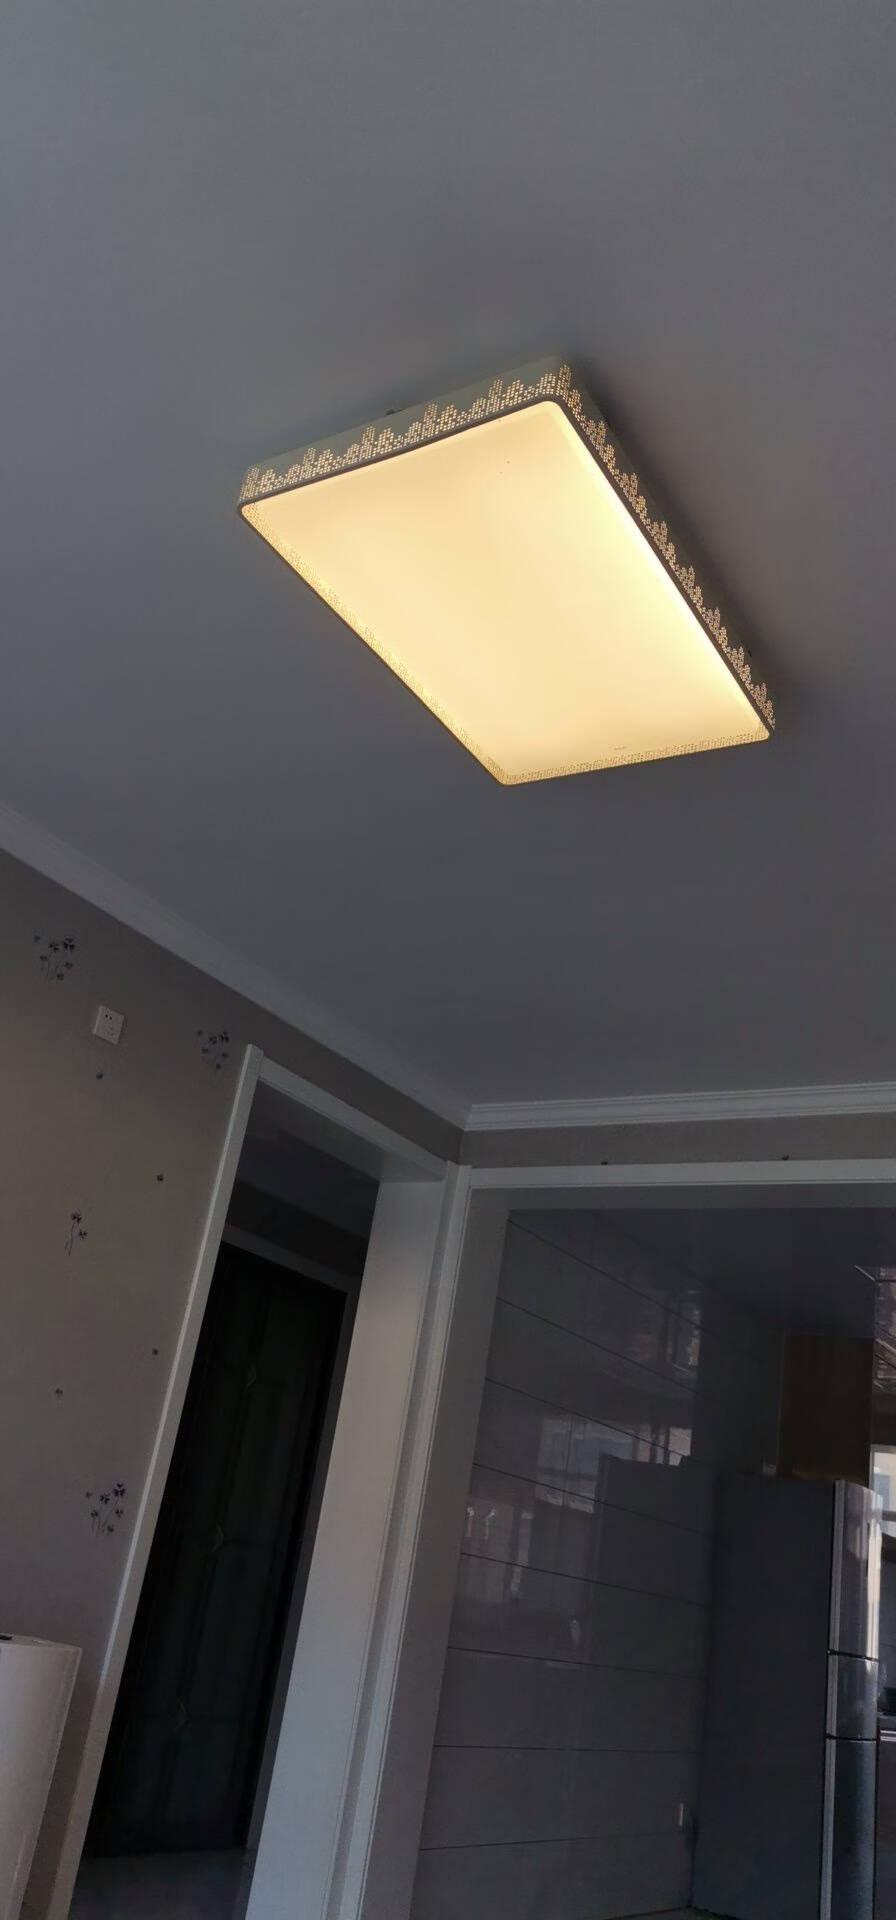 欧普照明(OPPLE)客厅灯led吸顶灯智能调光调色餐厅吊饰卧室灯阳台过道简约北欧灯具灯饰城市之光套餐